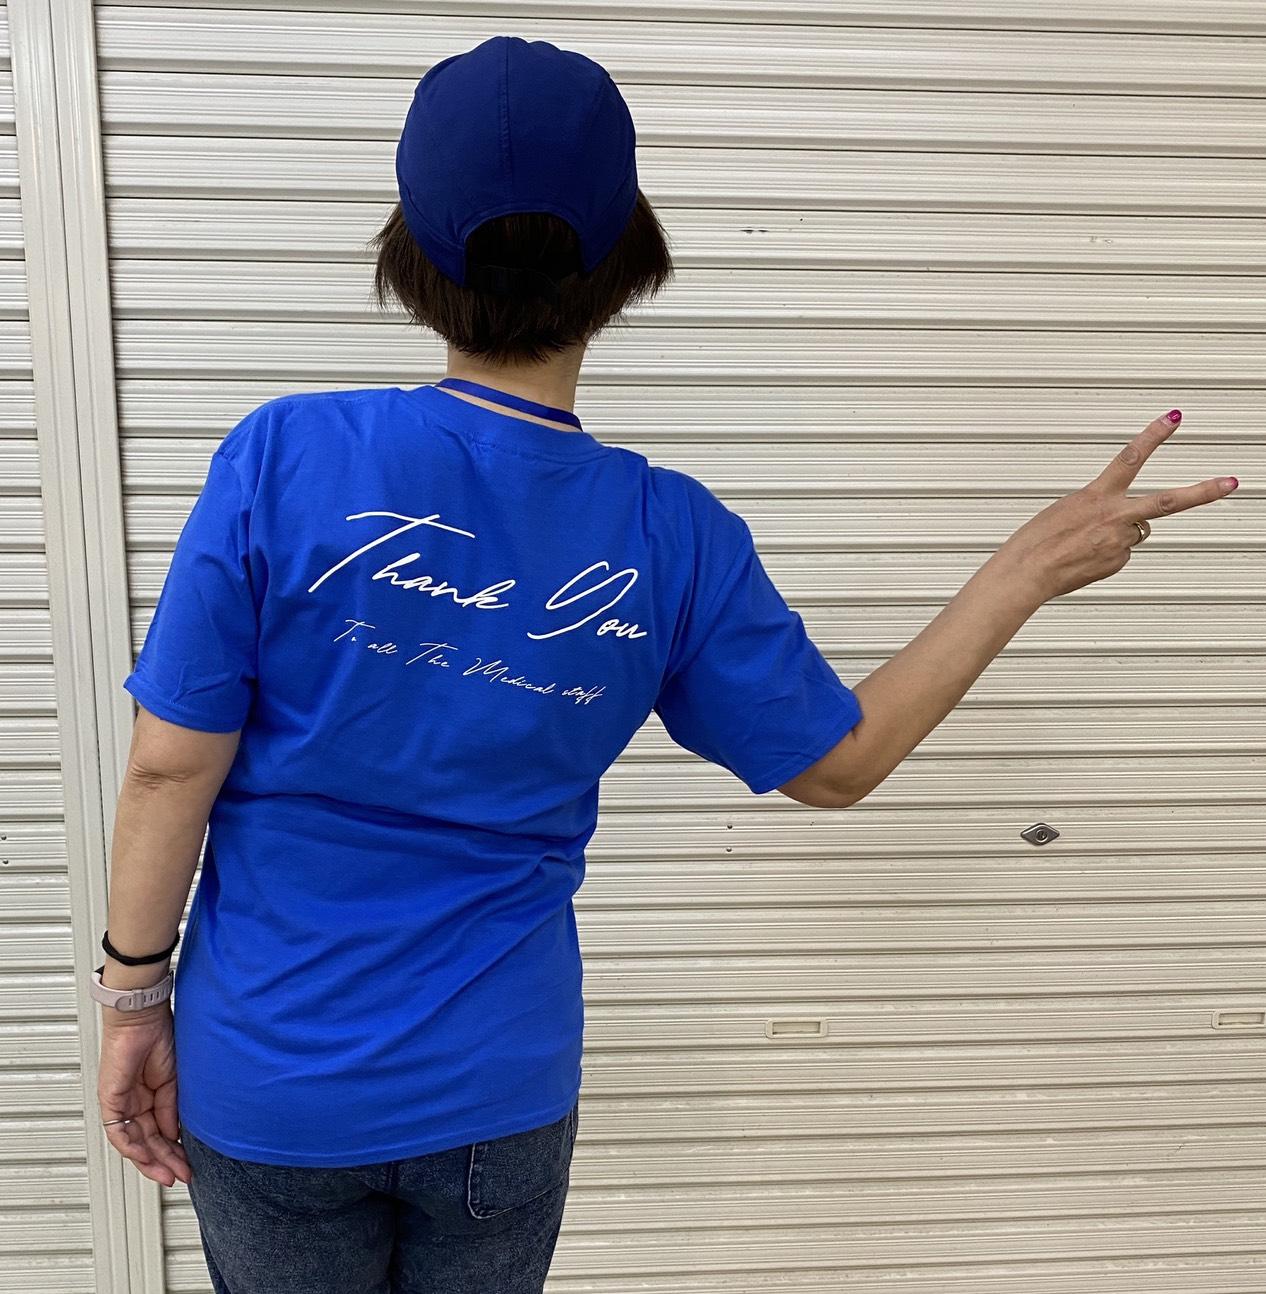 オリジナルTシャツ背面Tシャツ